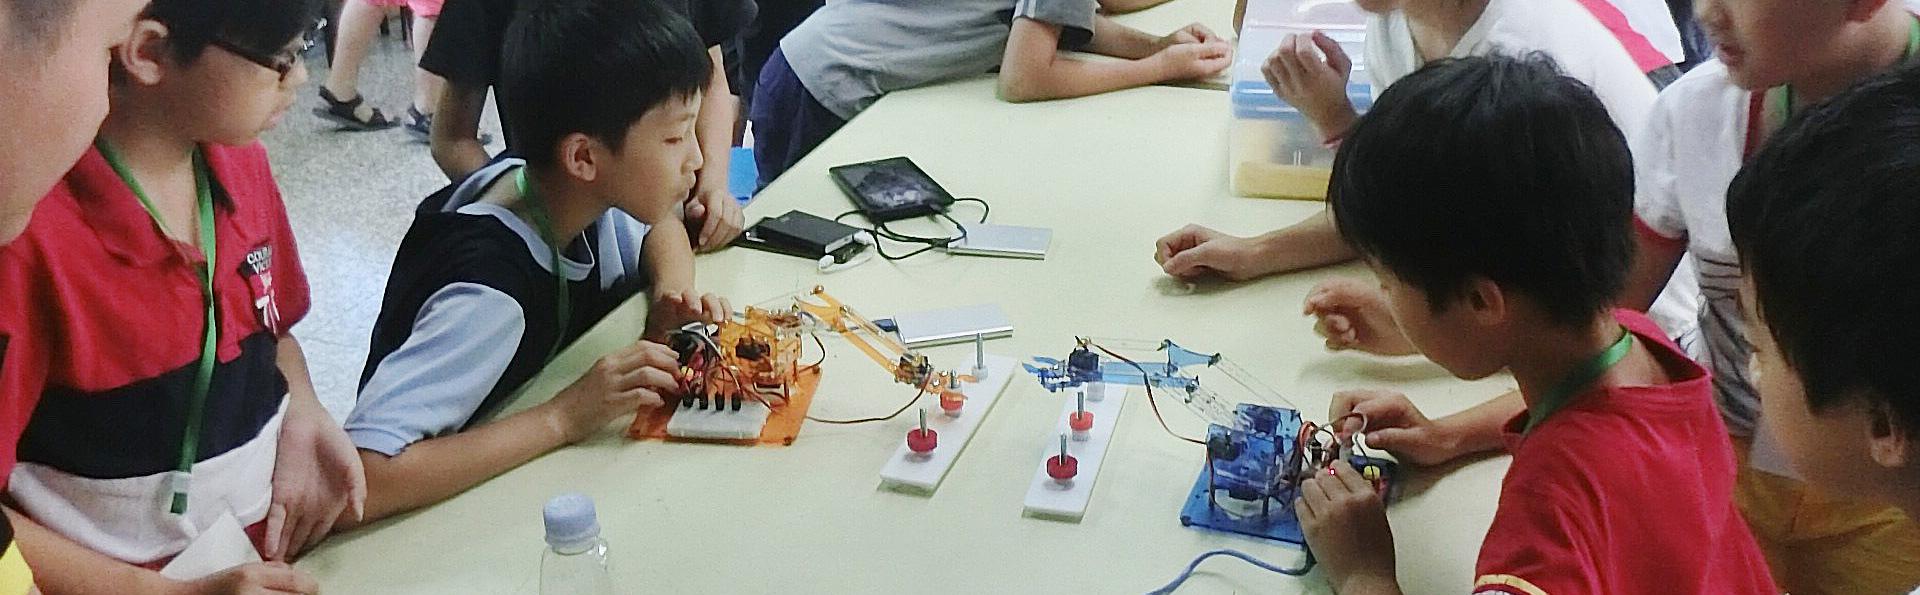 河內塔遊戲不但讓孩子能手眼並用且能於學習中實驗數學原理